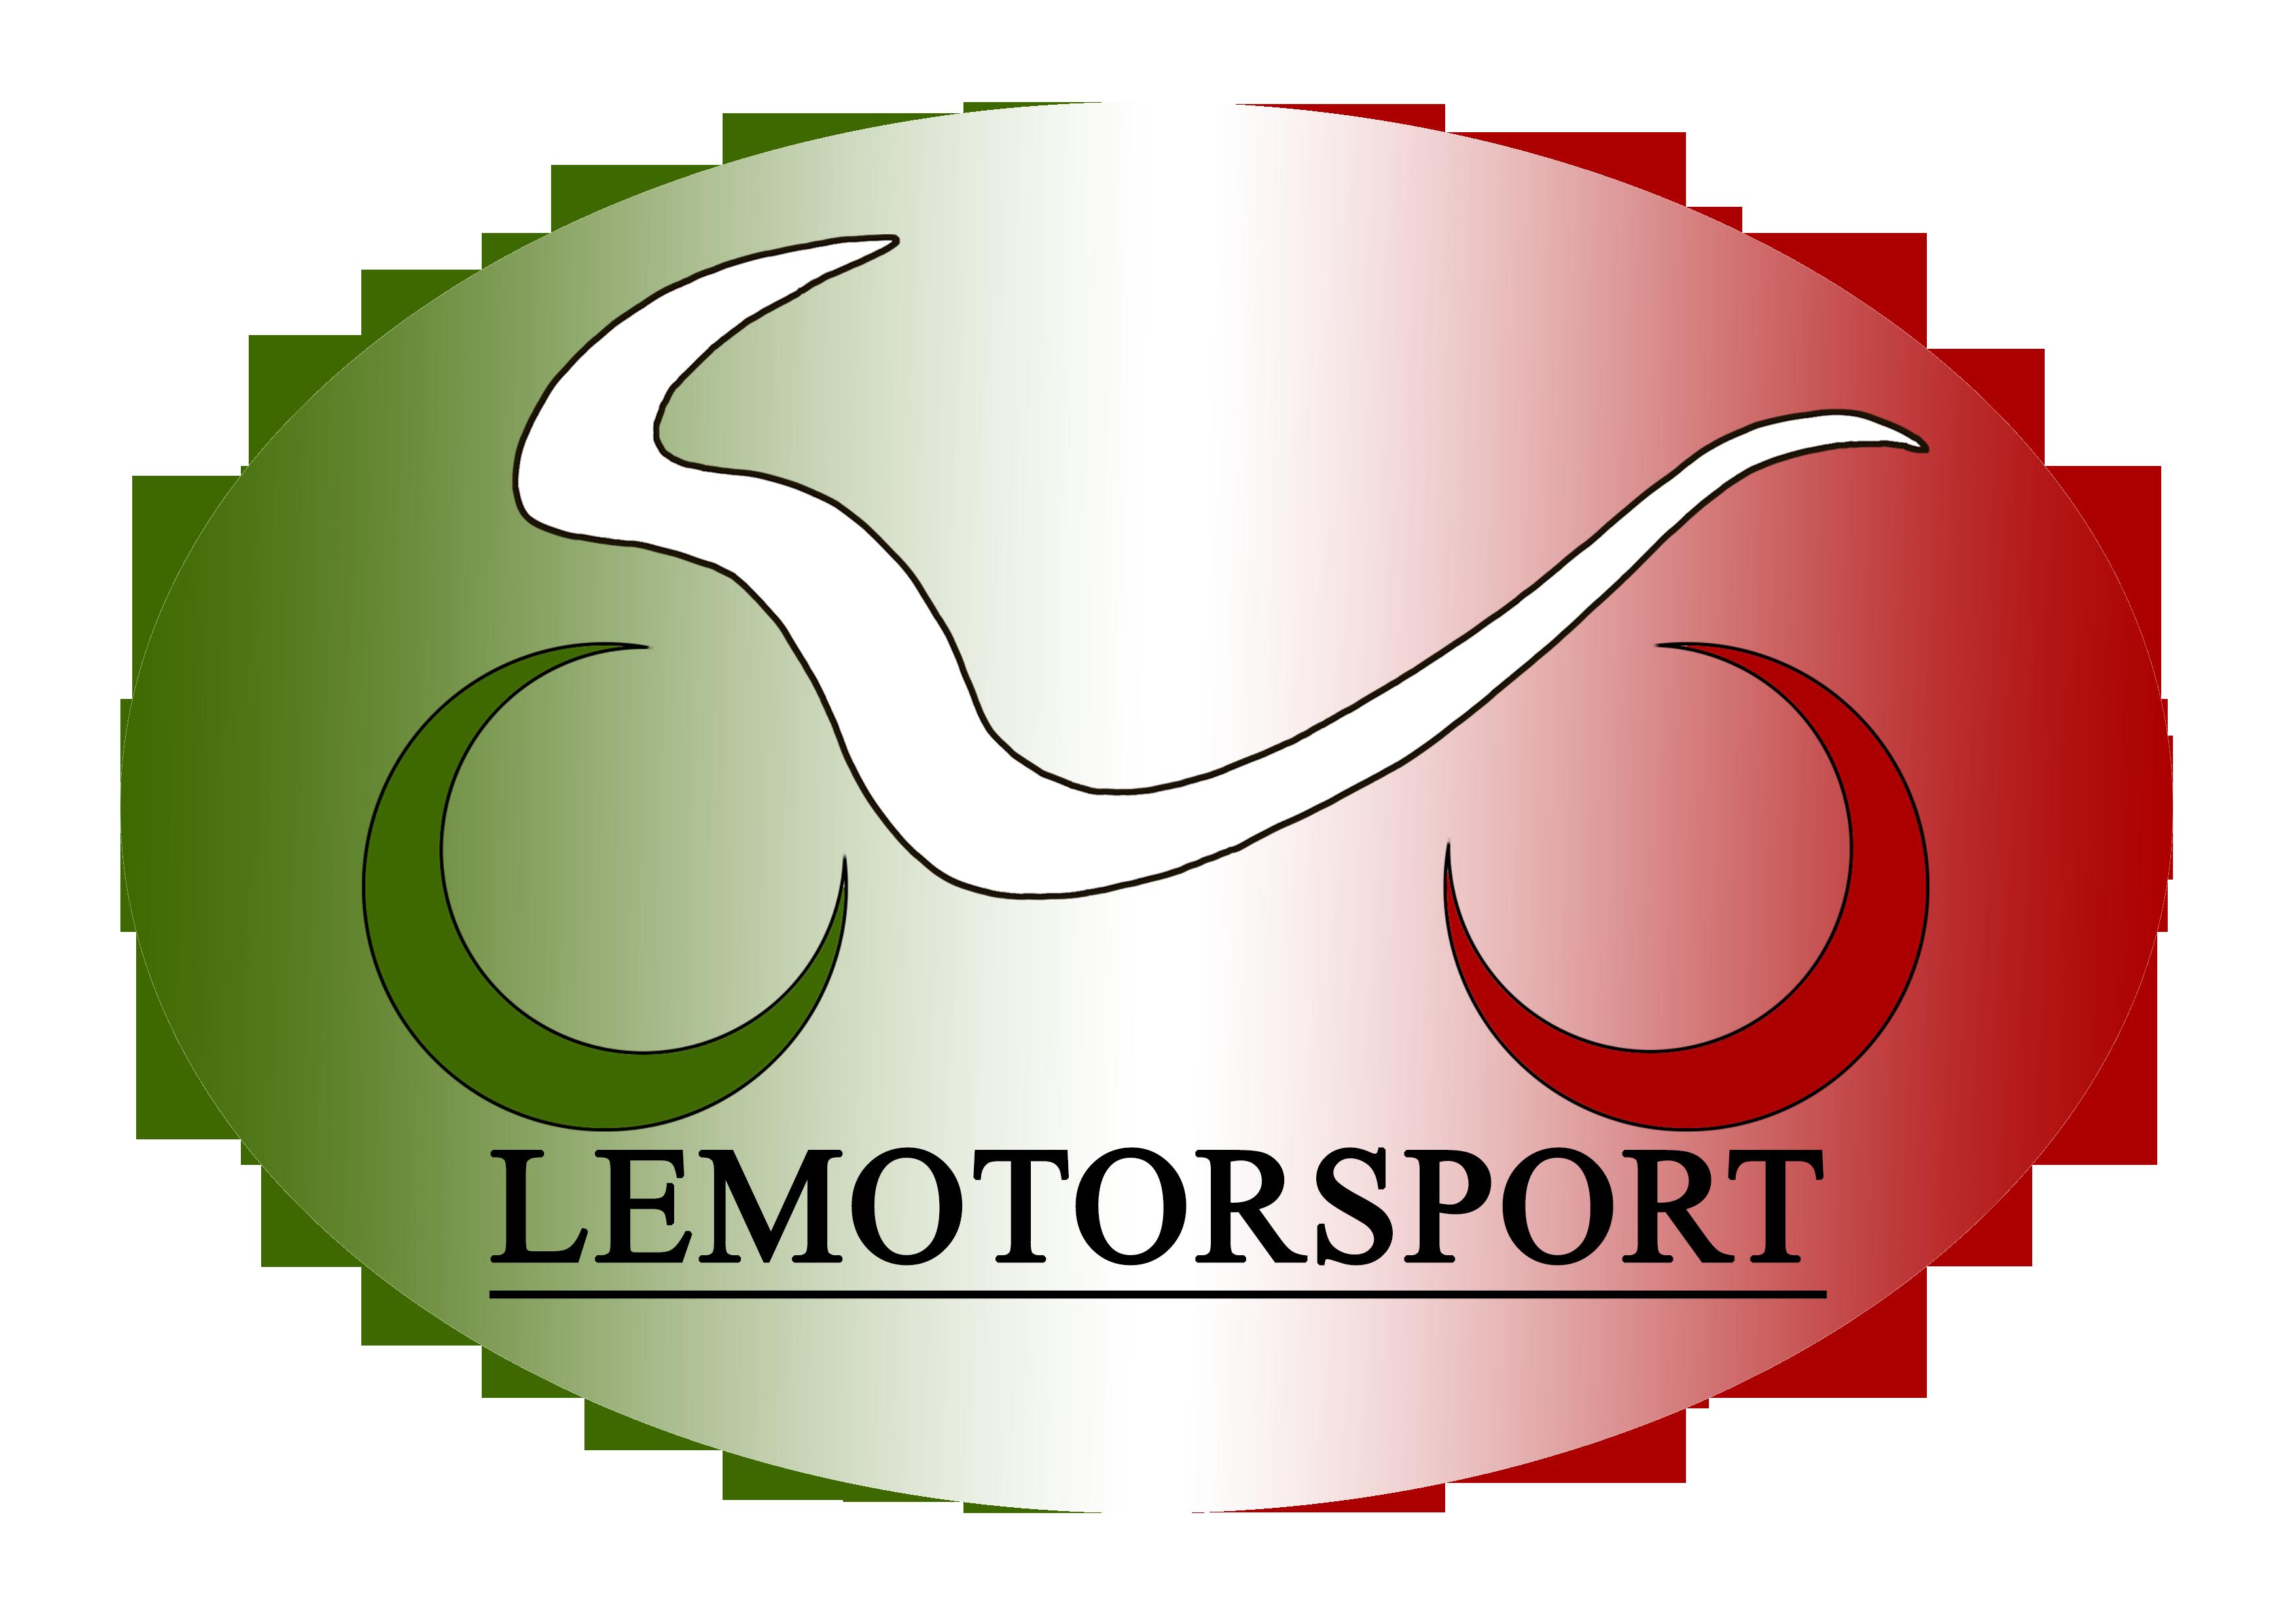 LEMOTORSPORT